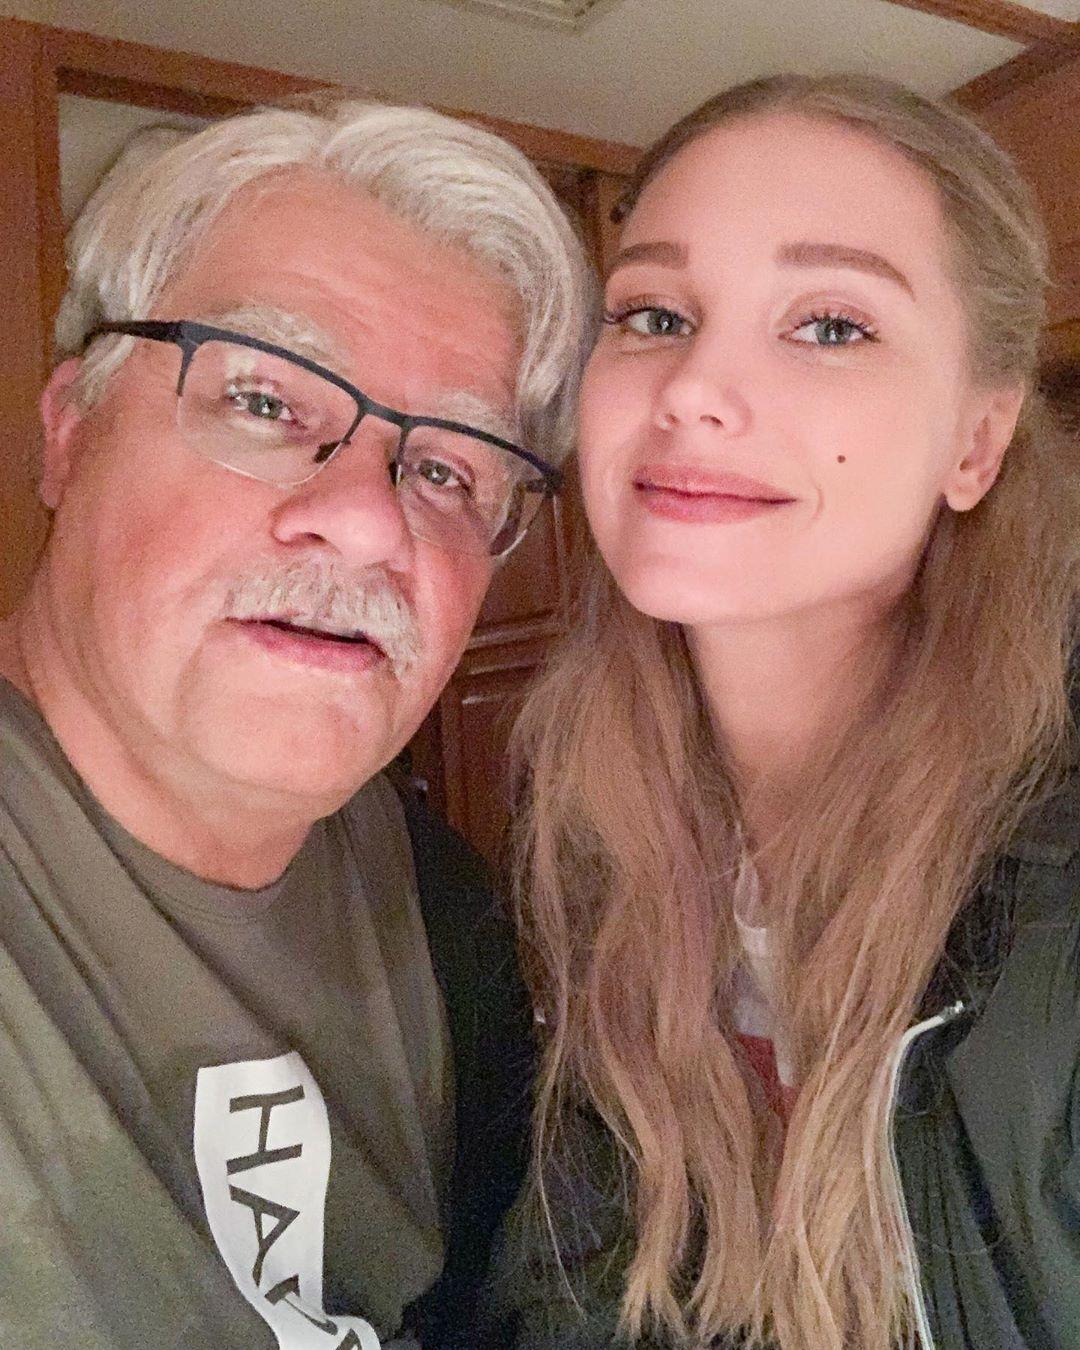 Кристина Асмус объявила о разводе с Гариком Харламовым. Решение расстаться супруги приняли год назад